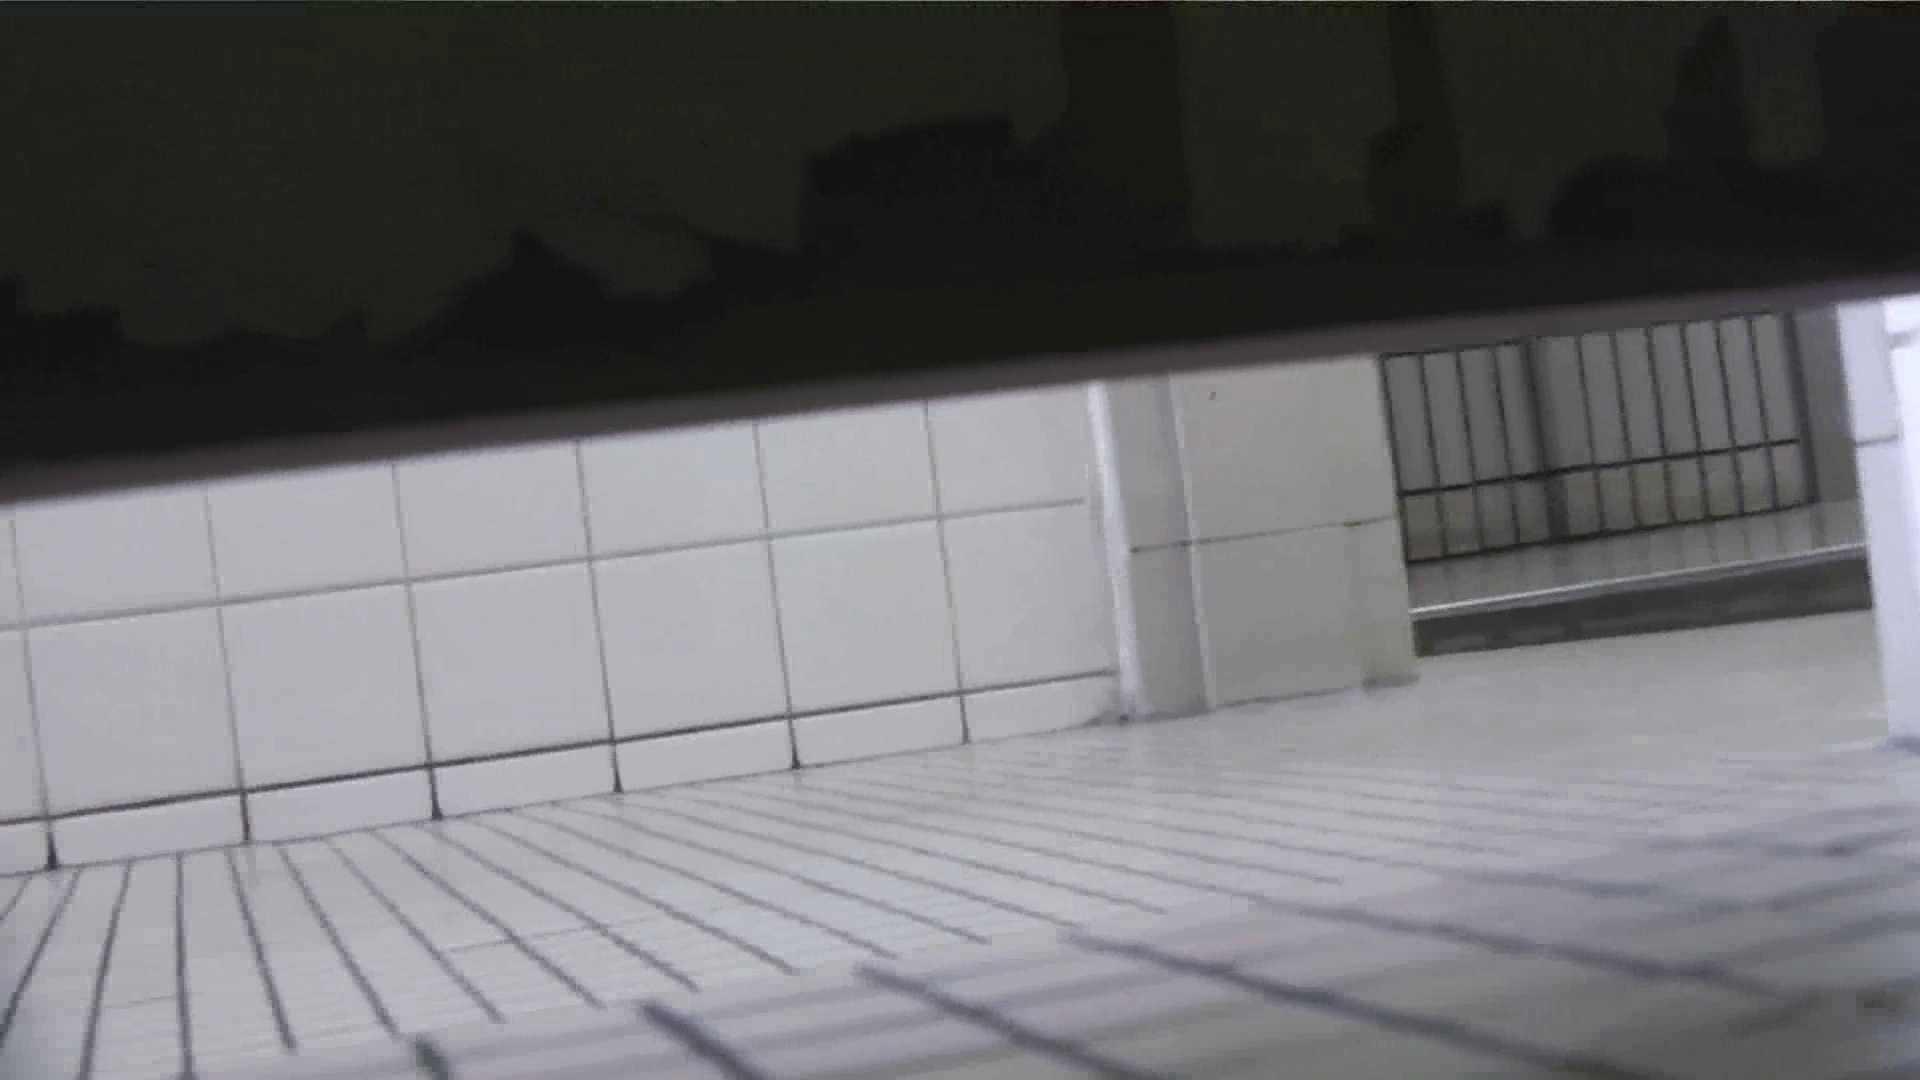 【美しき個室な世界】 vol.023 めんこい人たち 洗面所 | 色っぽいOL達  104pic 9